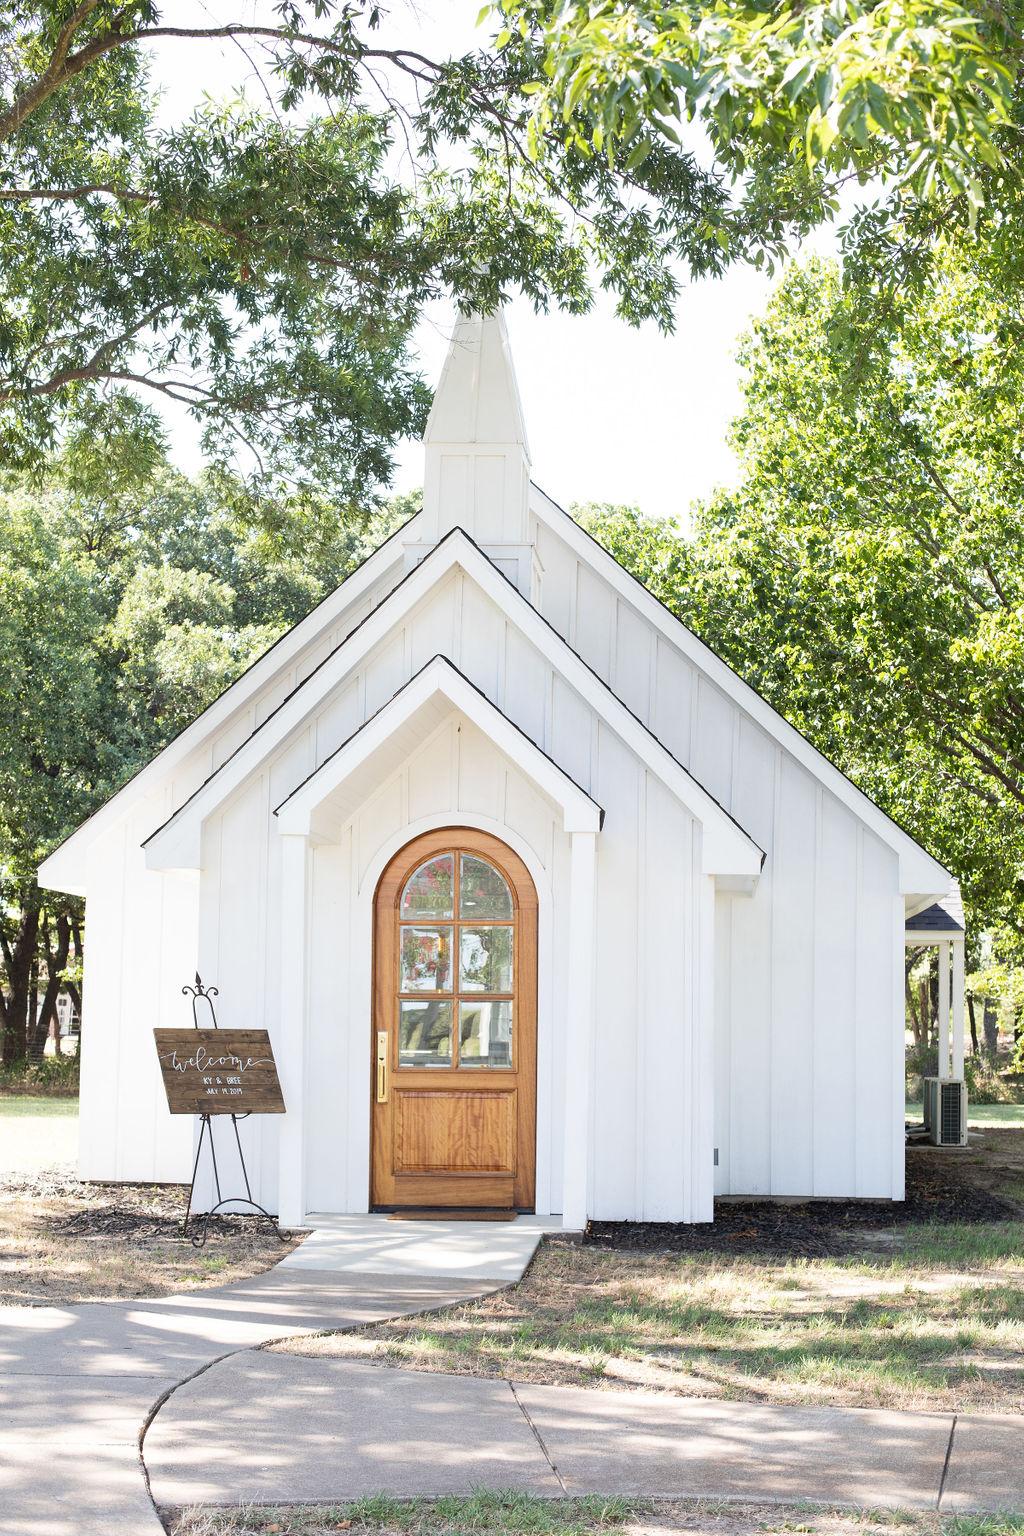 Fort Worth Wedding: Modern Minimalistic Wedding at The Emerson